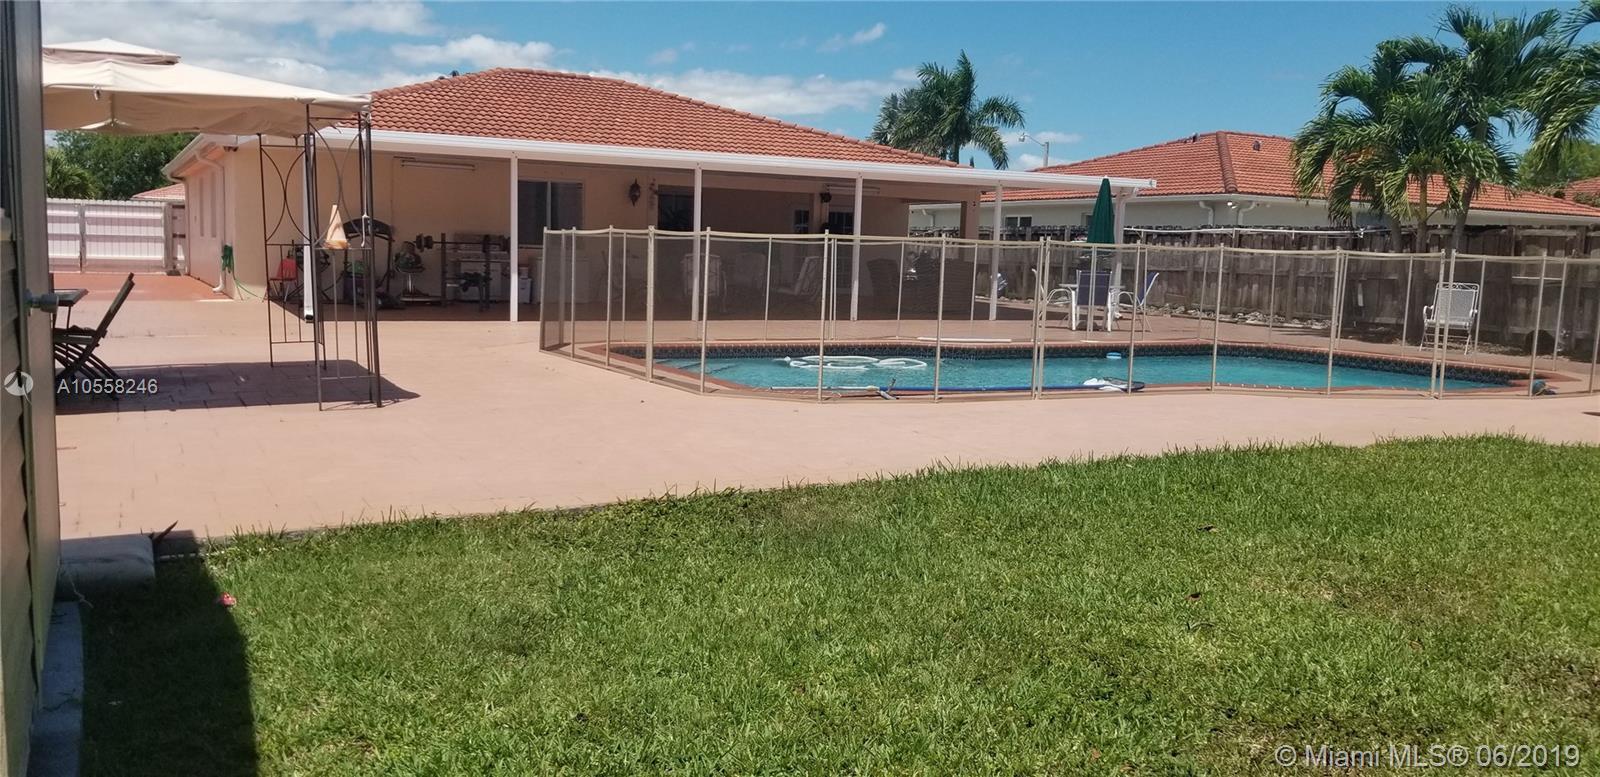 12458 Sw 220 St Miami, FL 33170